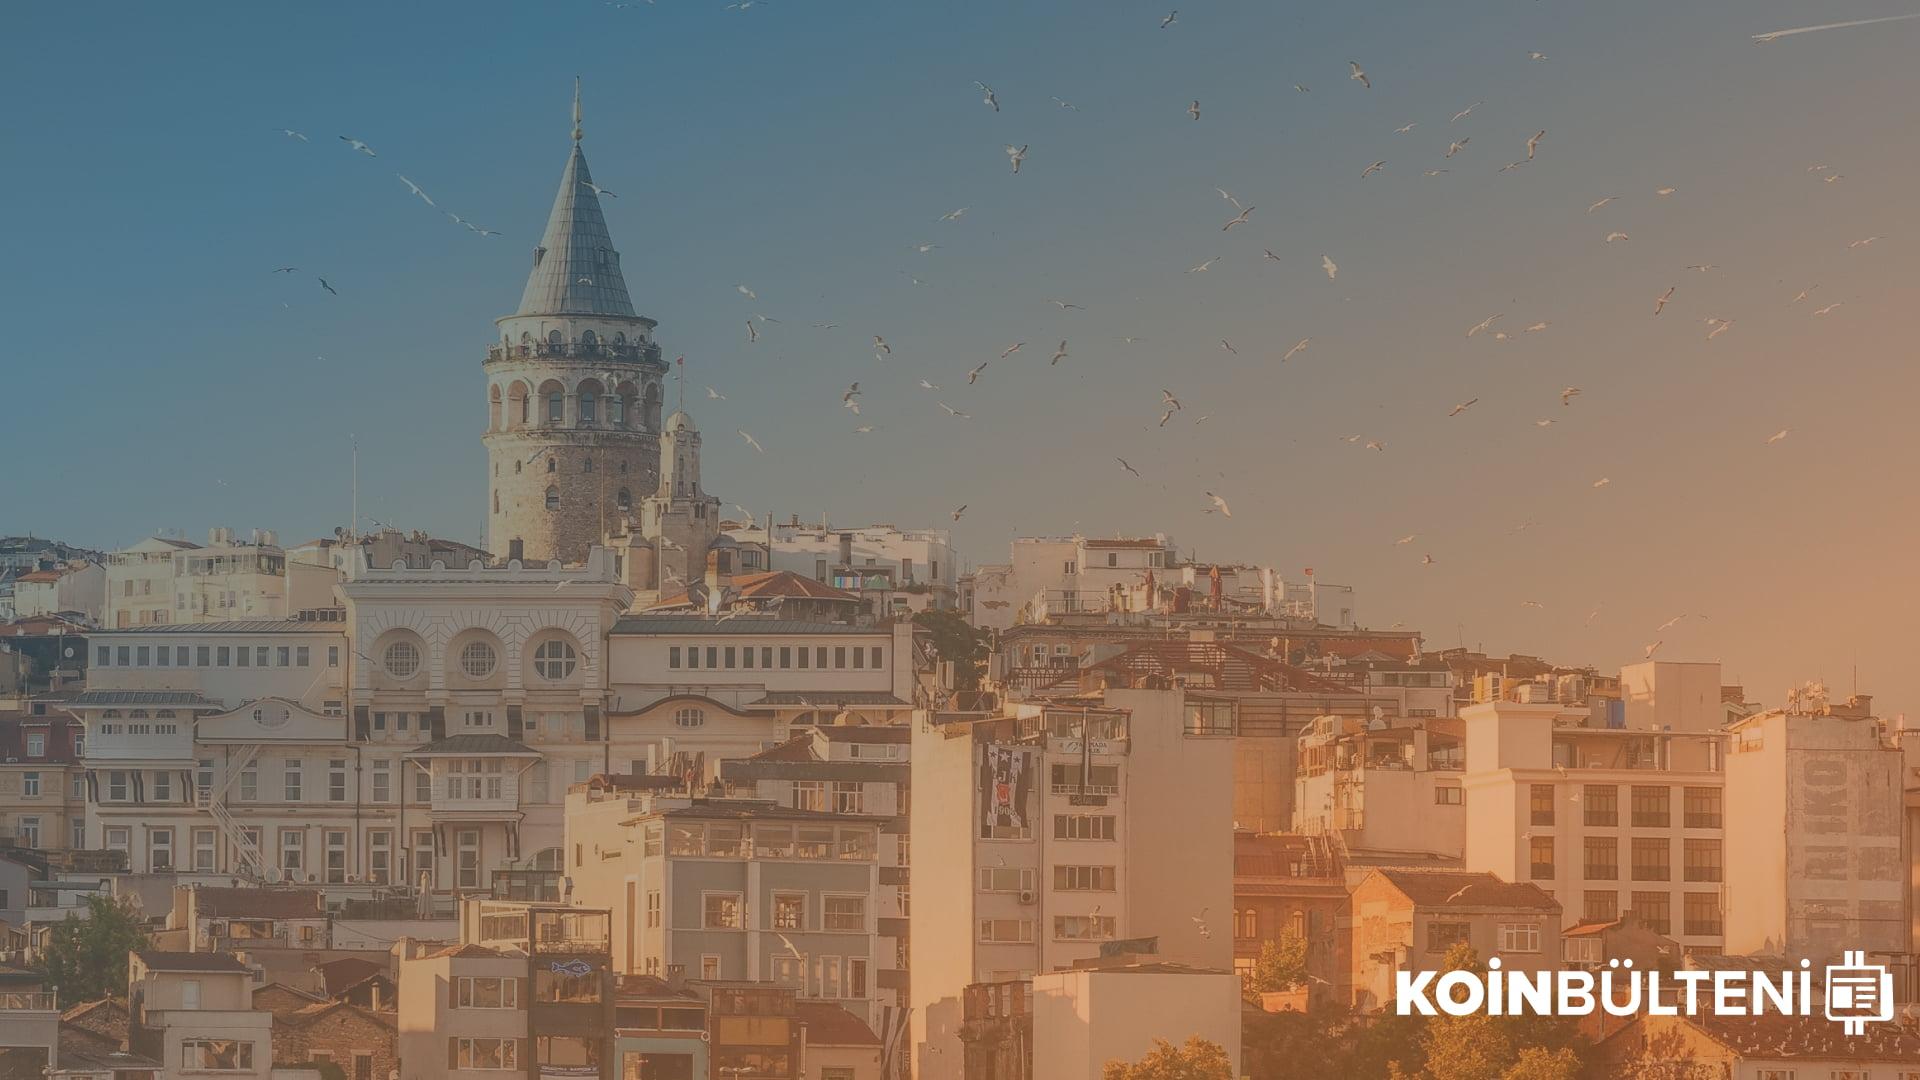 turkiye-istanbul-bitcoin-kripto-para-venezuela-iran